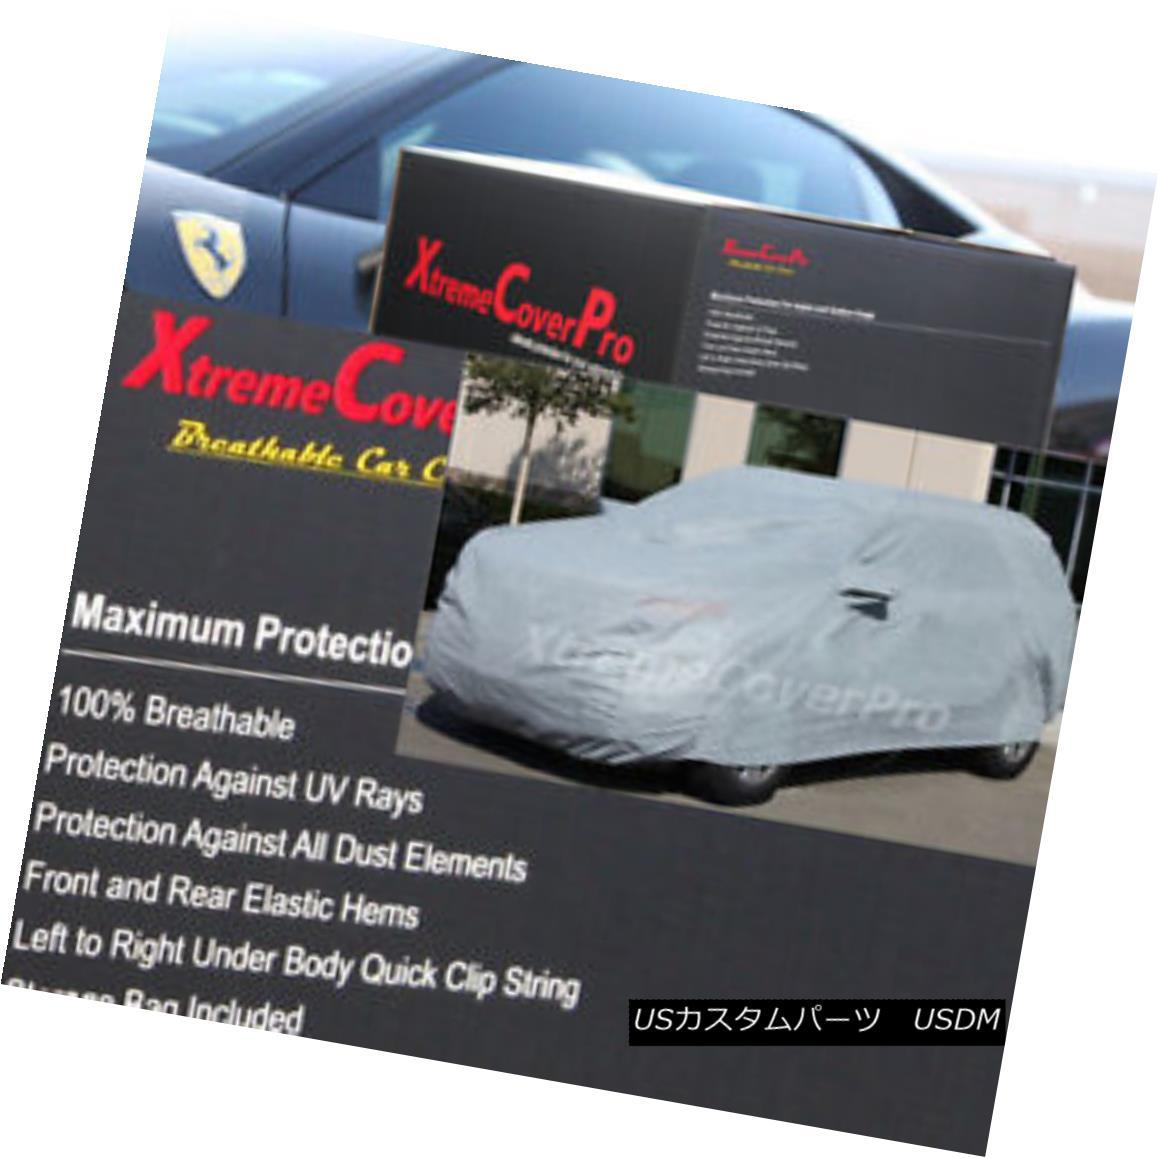 カーカバー 2014 Volvo XC60 Breathable Car Cover w/ Mirror Pocket 2014年Volvo XC60通気性車カバー(ミラーポケット付)